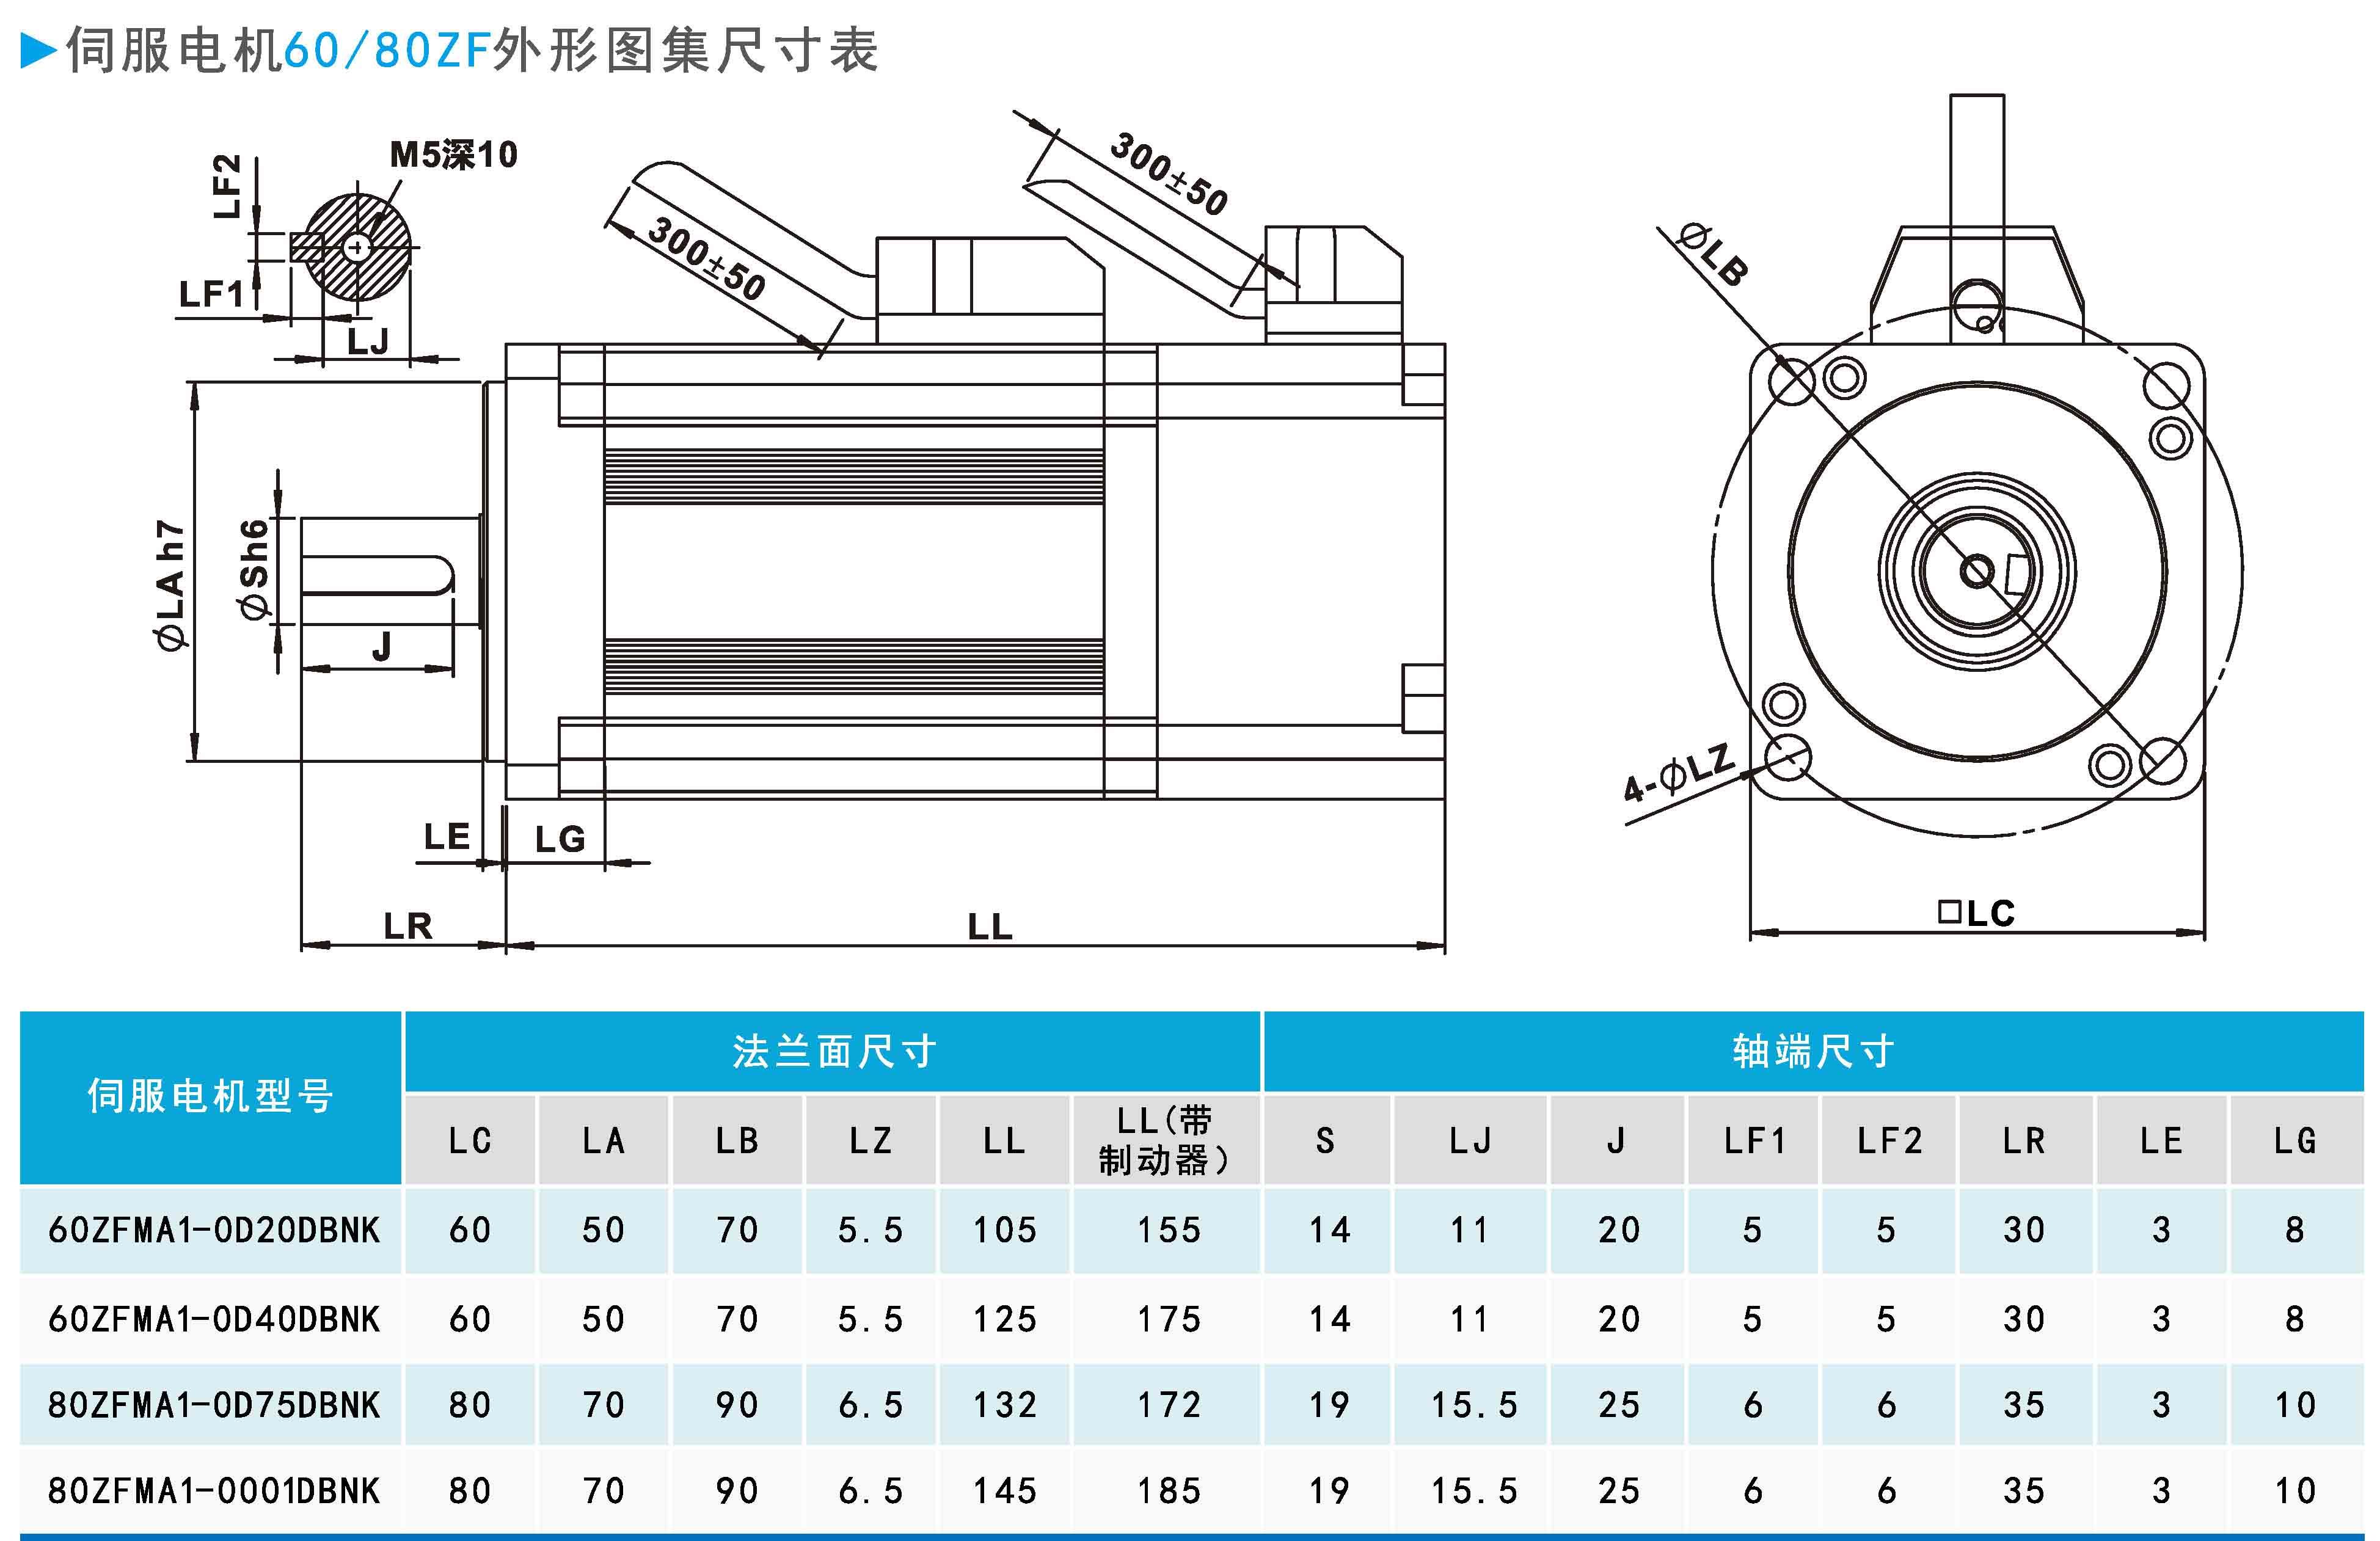 伺服電機60 80ZF外形圖及尺寸表.jpg